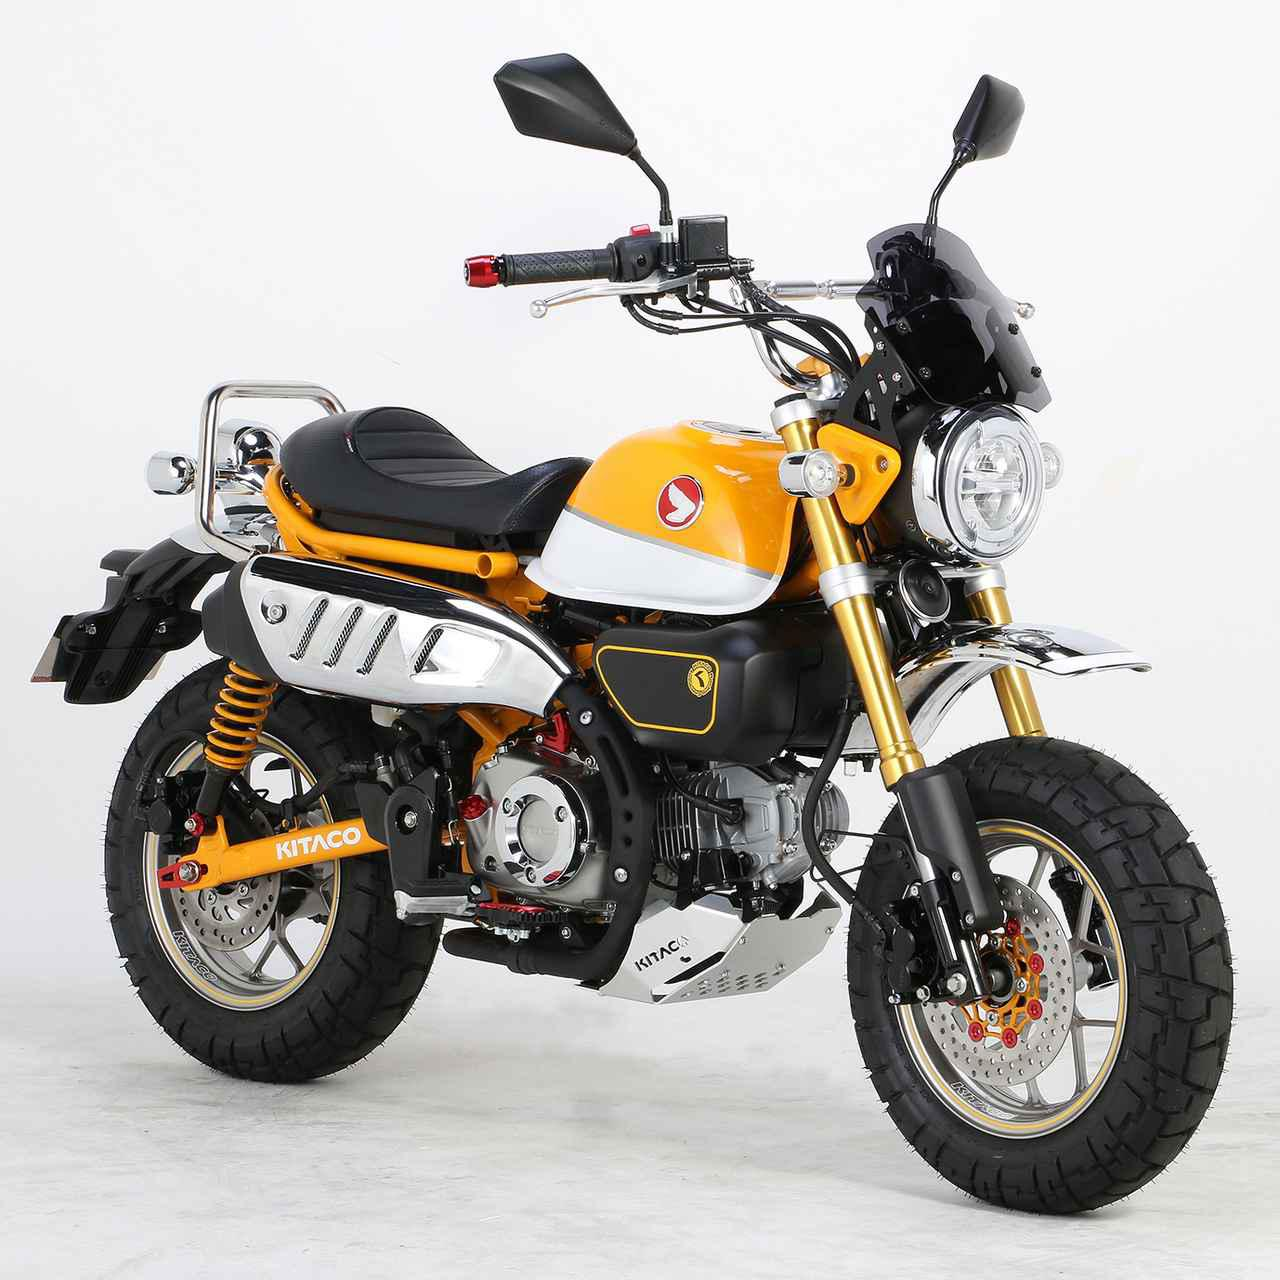 画像: キタコから、モンキー125用ドレスアップアイテム新登場 - webオートバイ